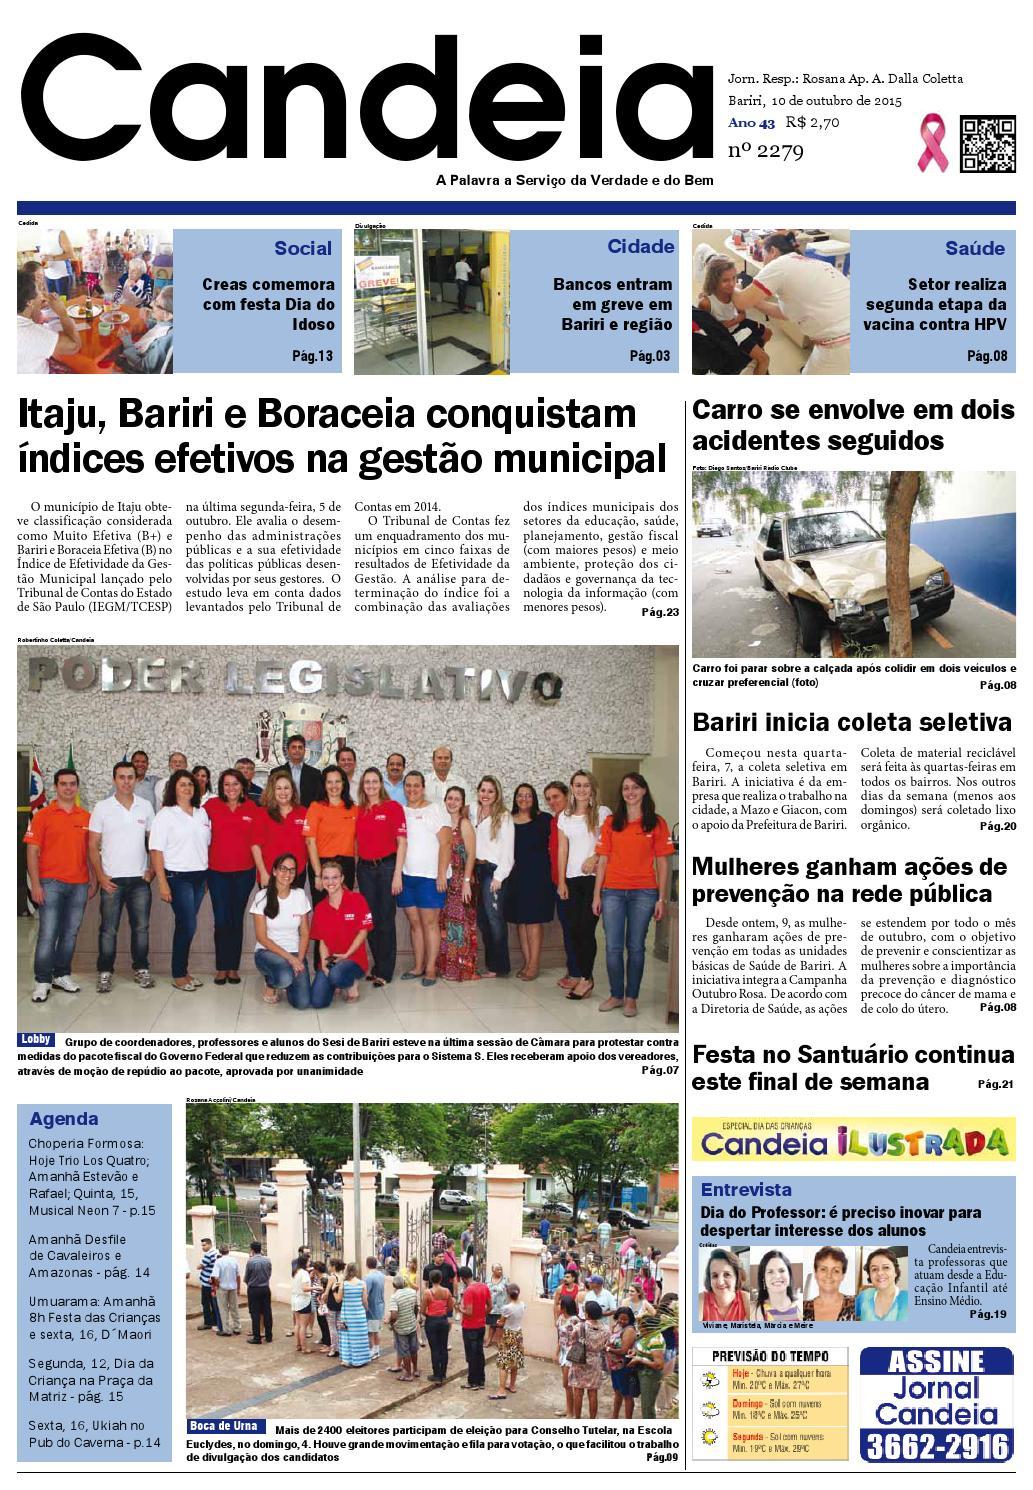 35ccfa24035 Jornal candeia 10 10 2015 by Jornal Candeia - issuu